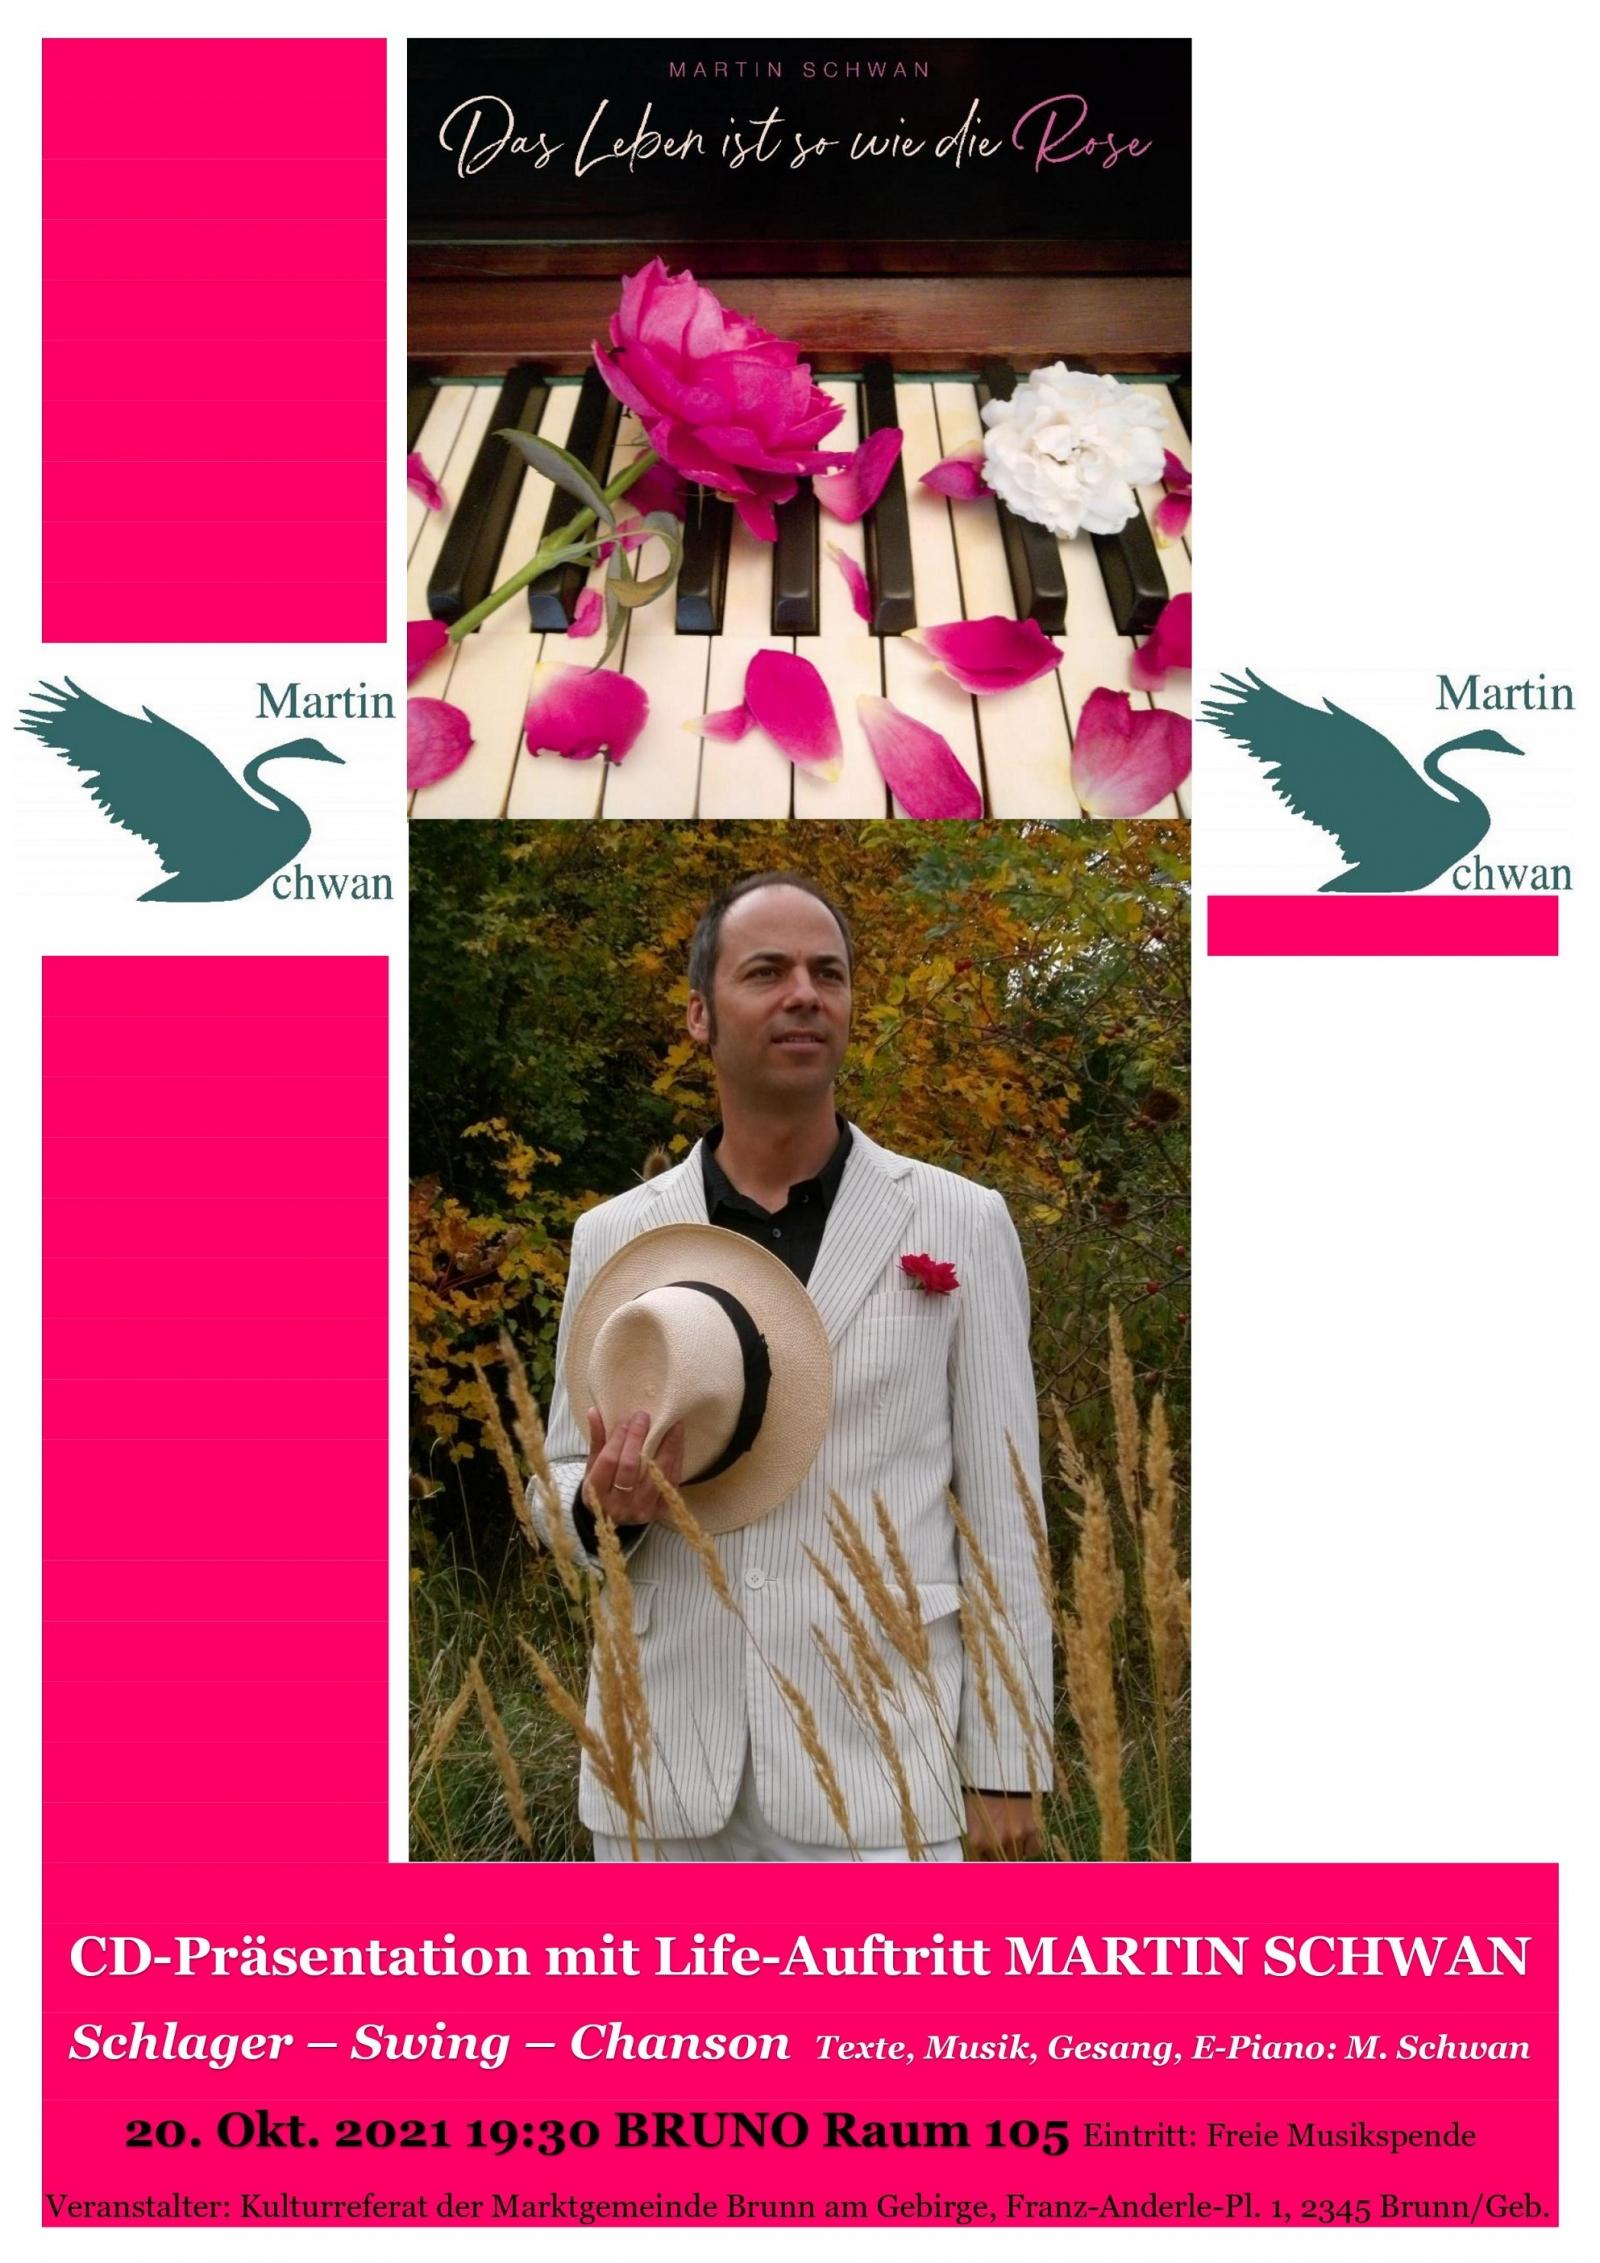 CD Präsentation Martin Schwan Das Leben ist so wie die Rose